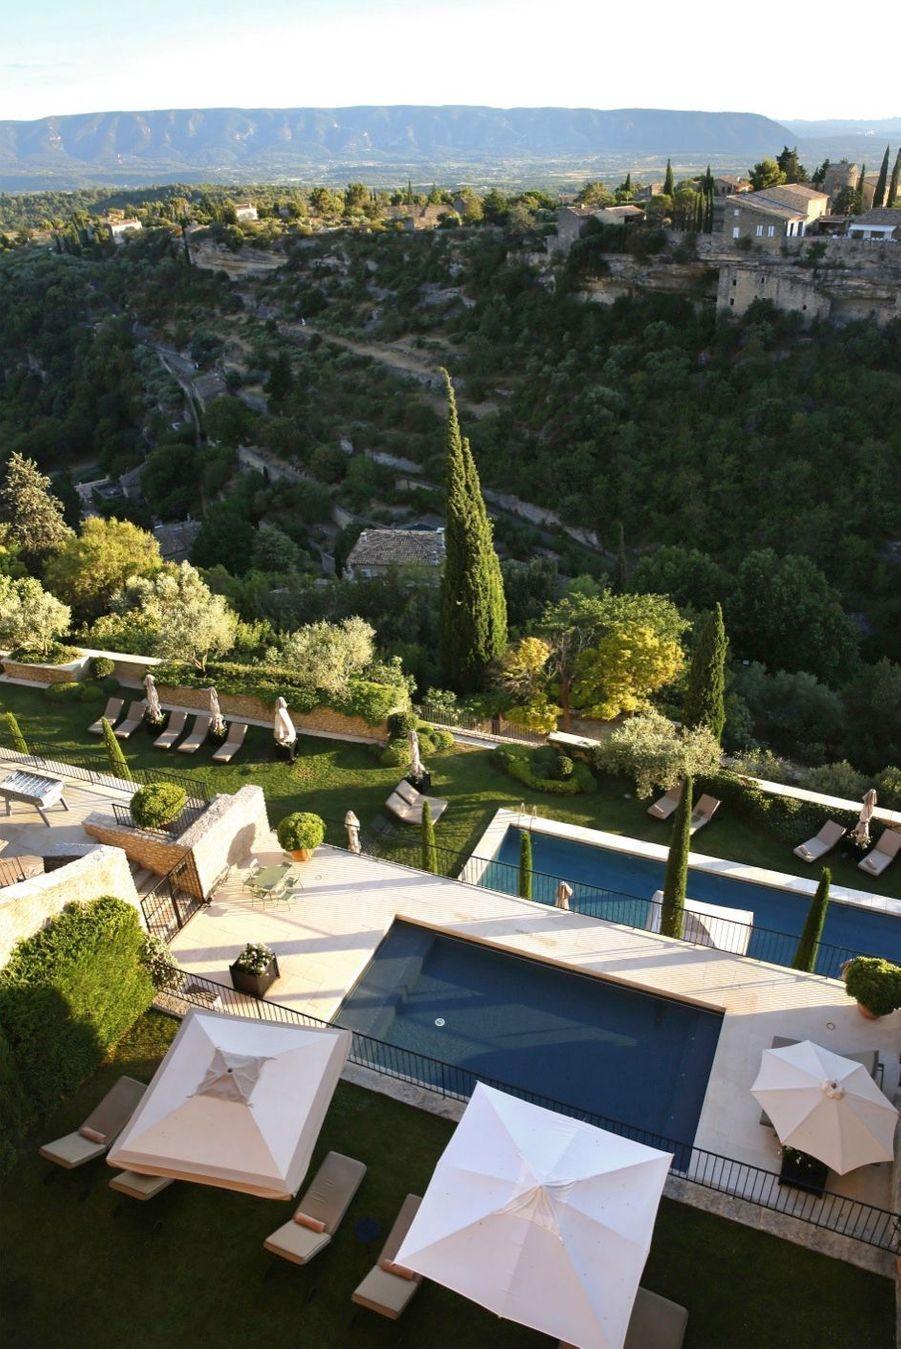 La disposition en étages offre une vue spectaculaire sur les deux piscines extérieures.